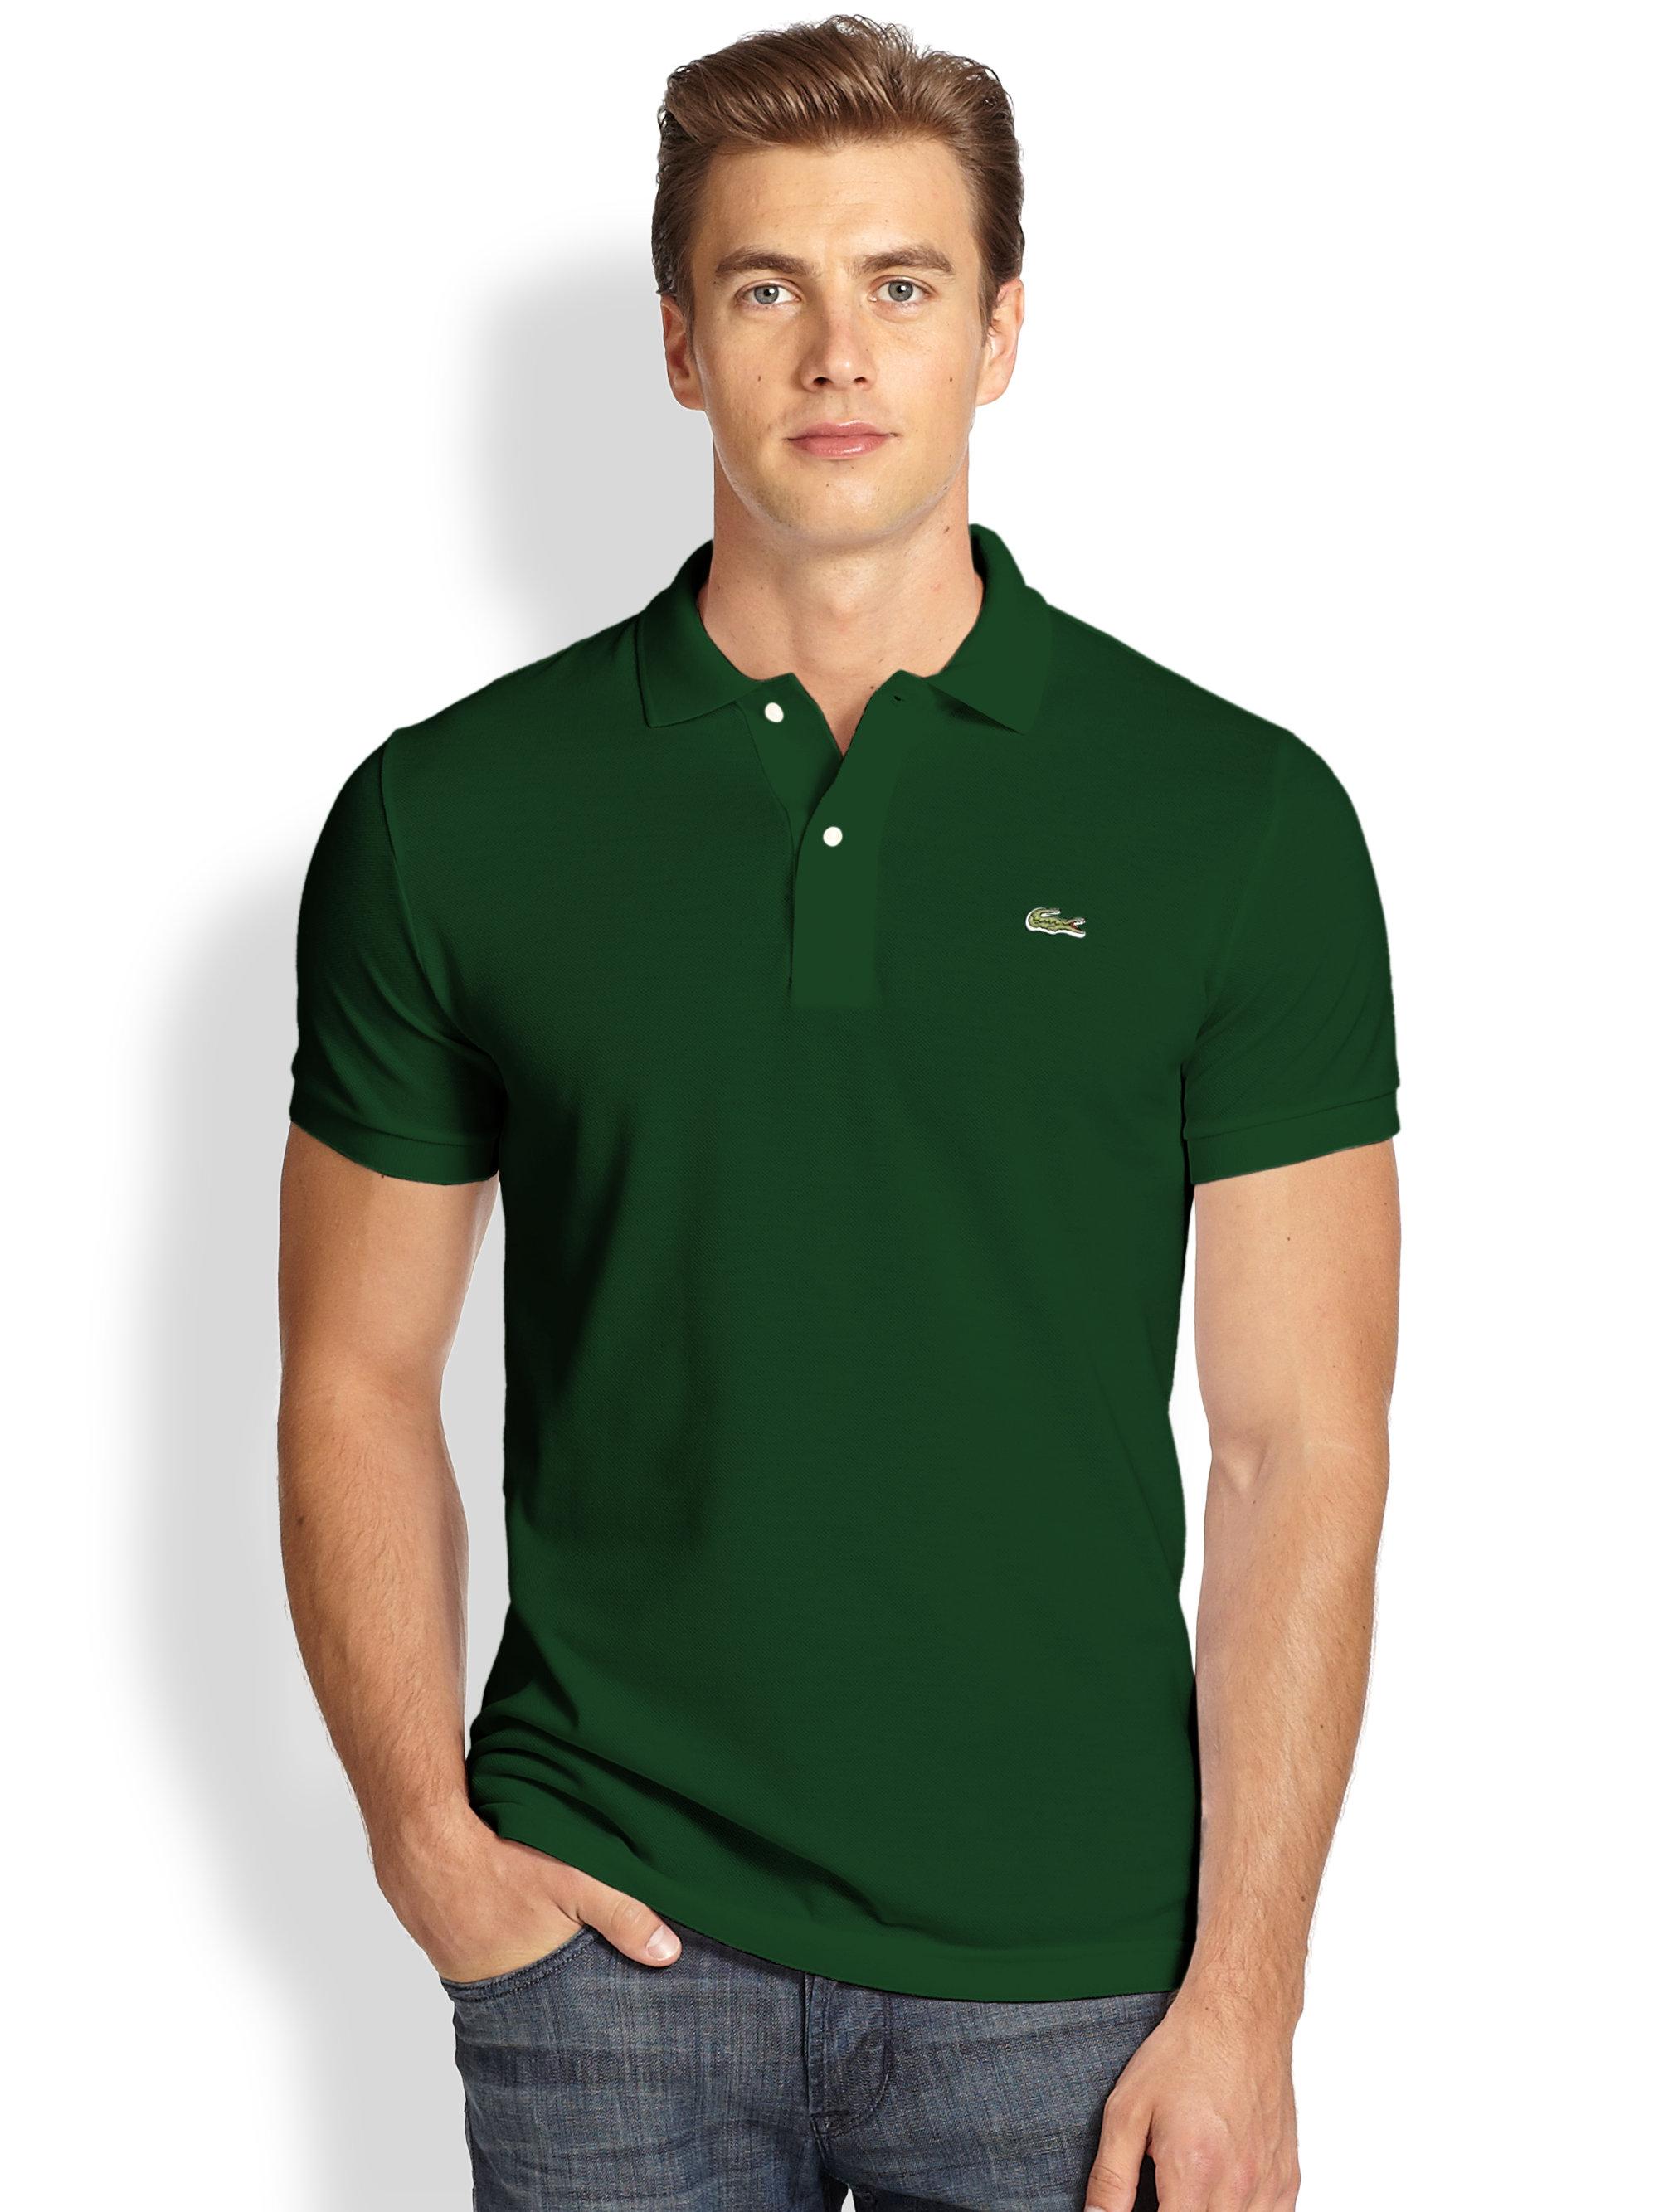 e33205a5f7e Lyst - Lacoste Slim-Fit Polo in Green for Men